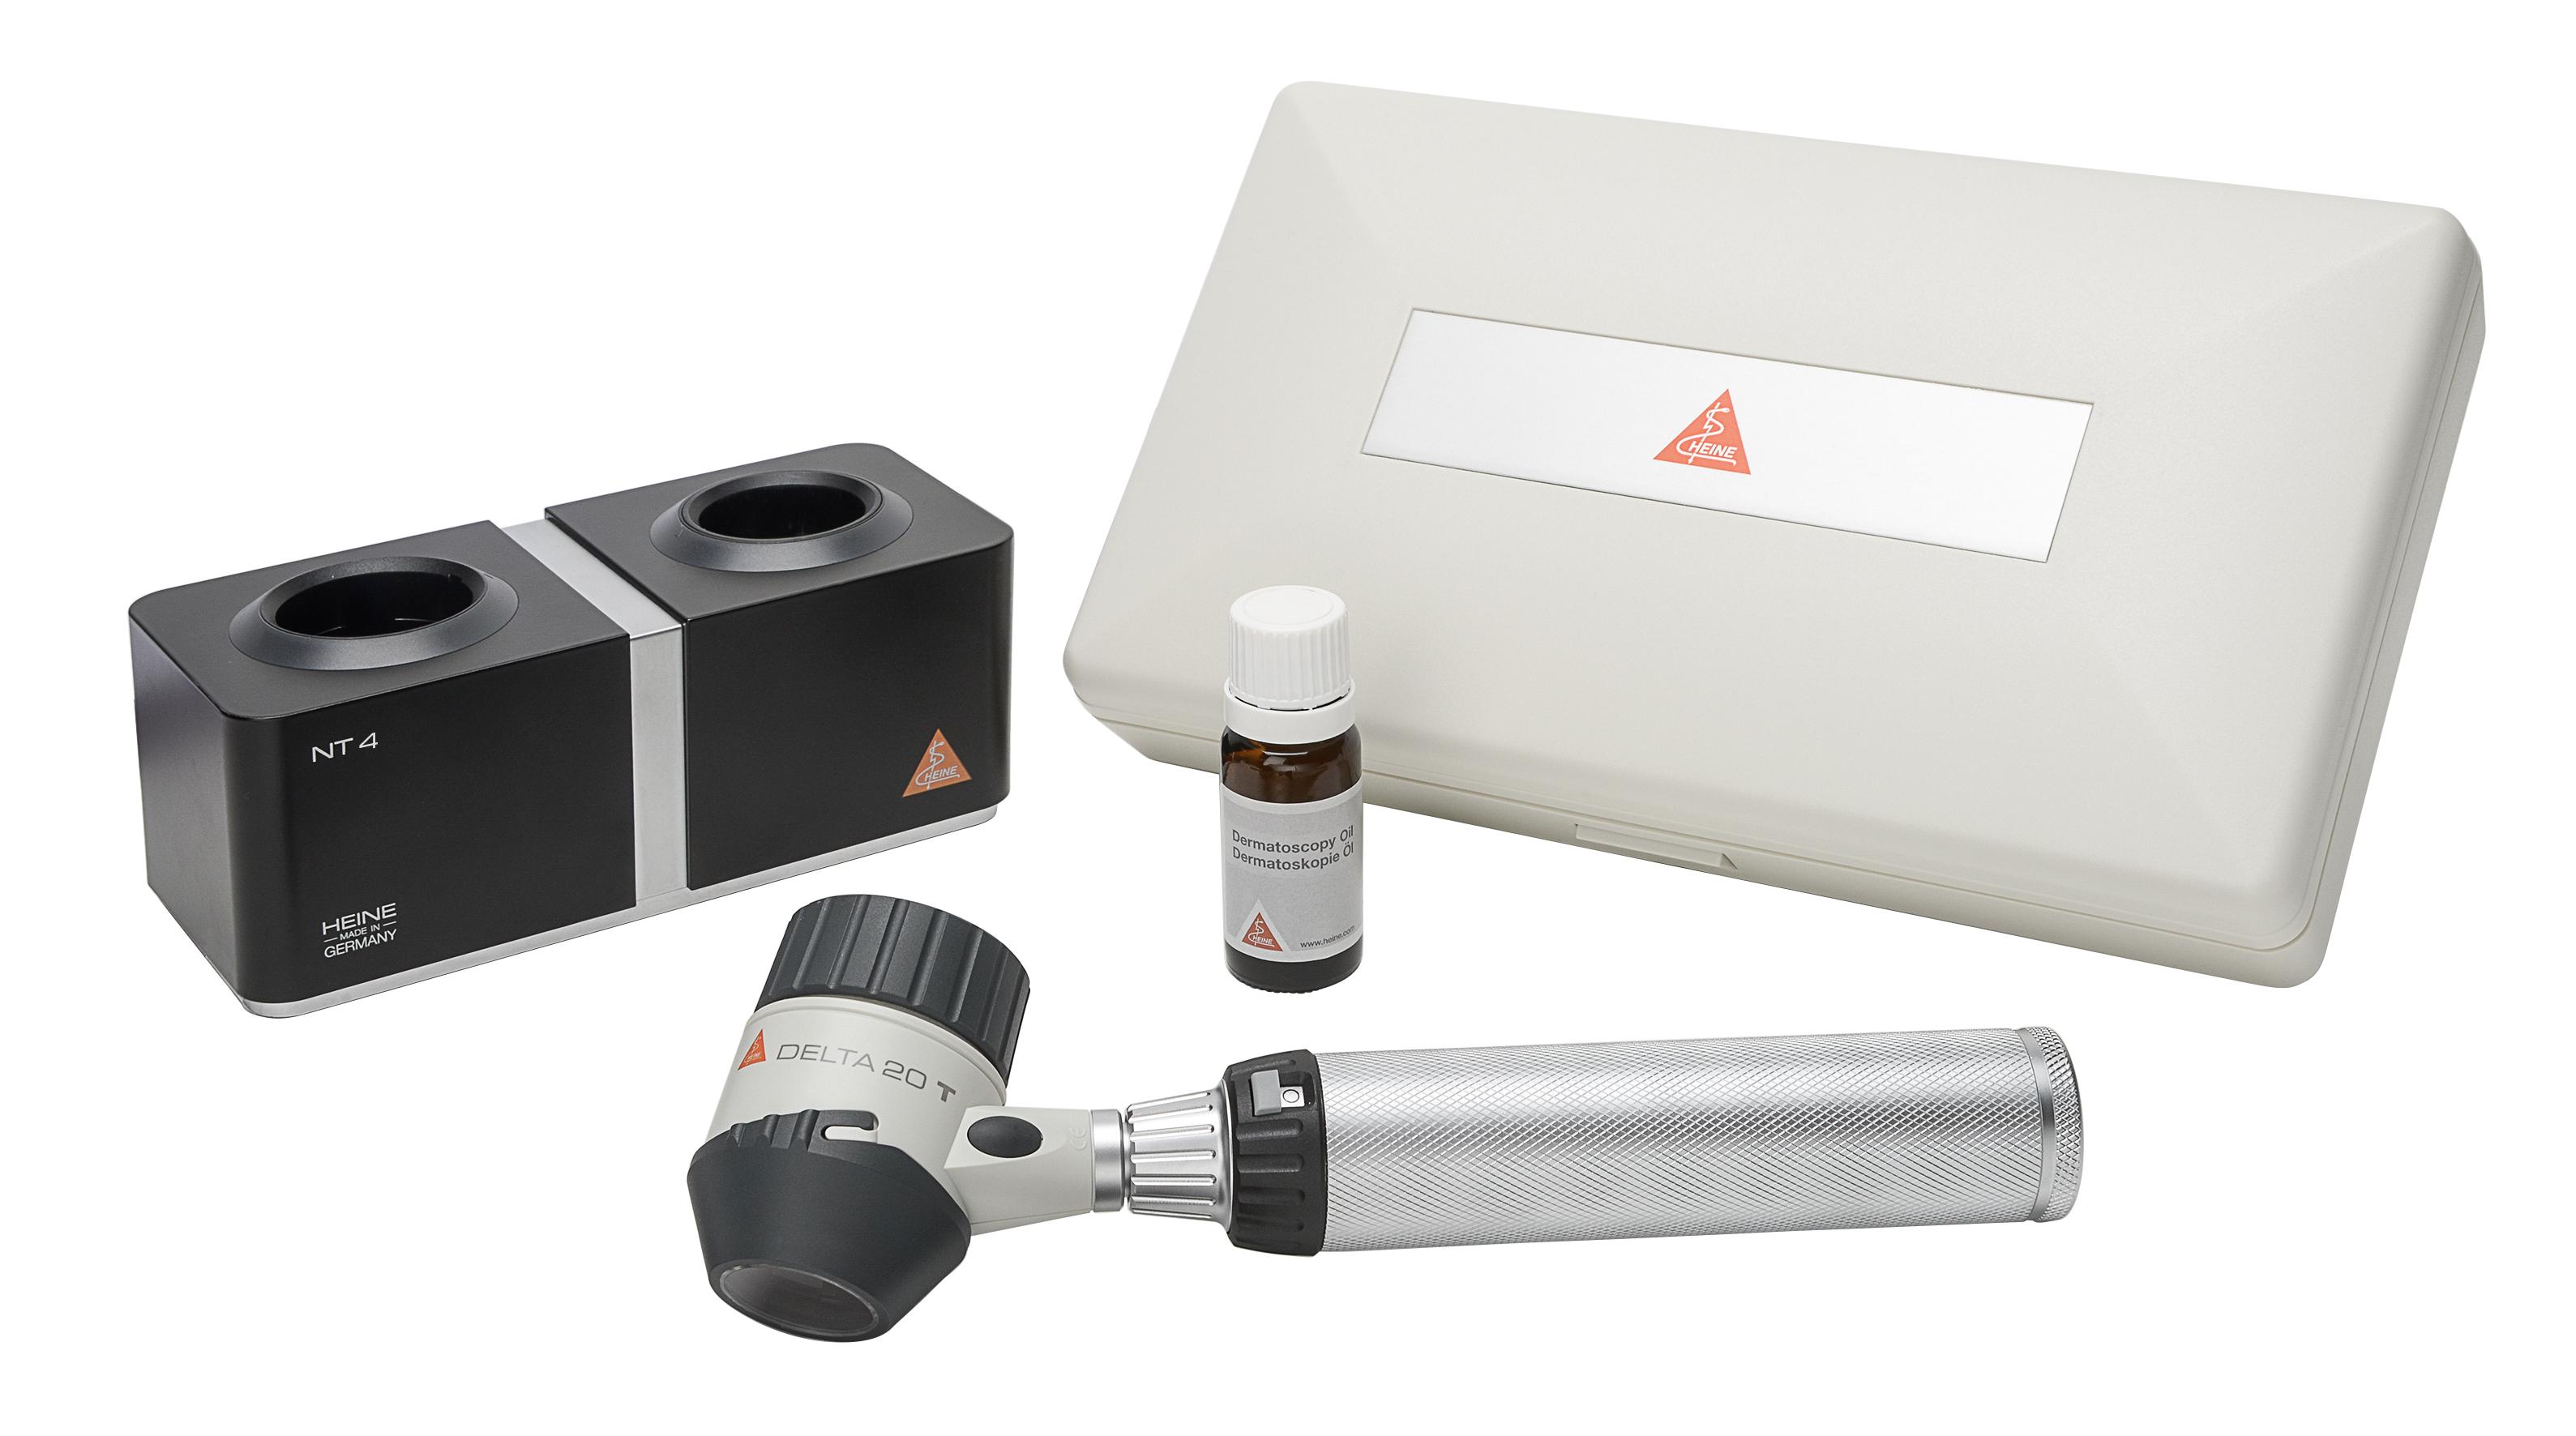 DELTA 20 T Dermatoskop-Set, BETA 4 NT Ladegriff mit NT4, Tisch-Ladegerät